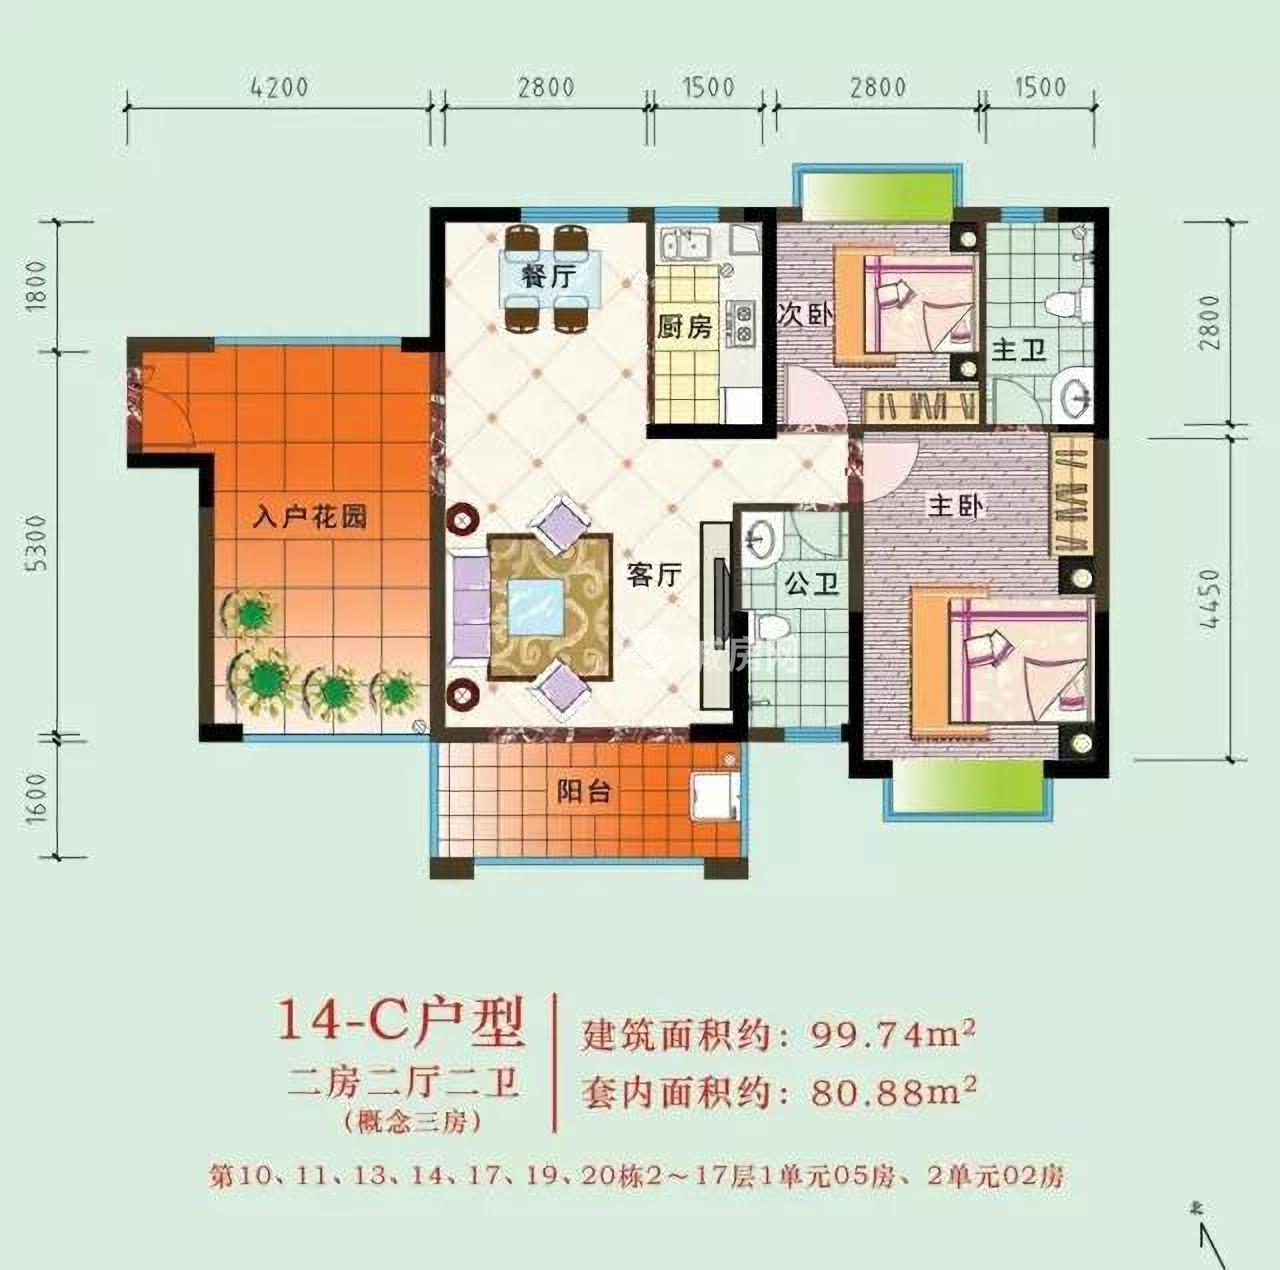 四季康城二期2房2厅2卫 (建筑面积:99.74㎡)